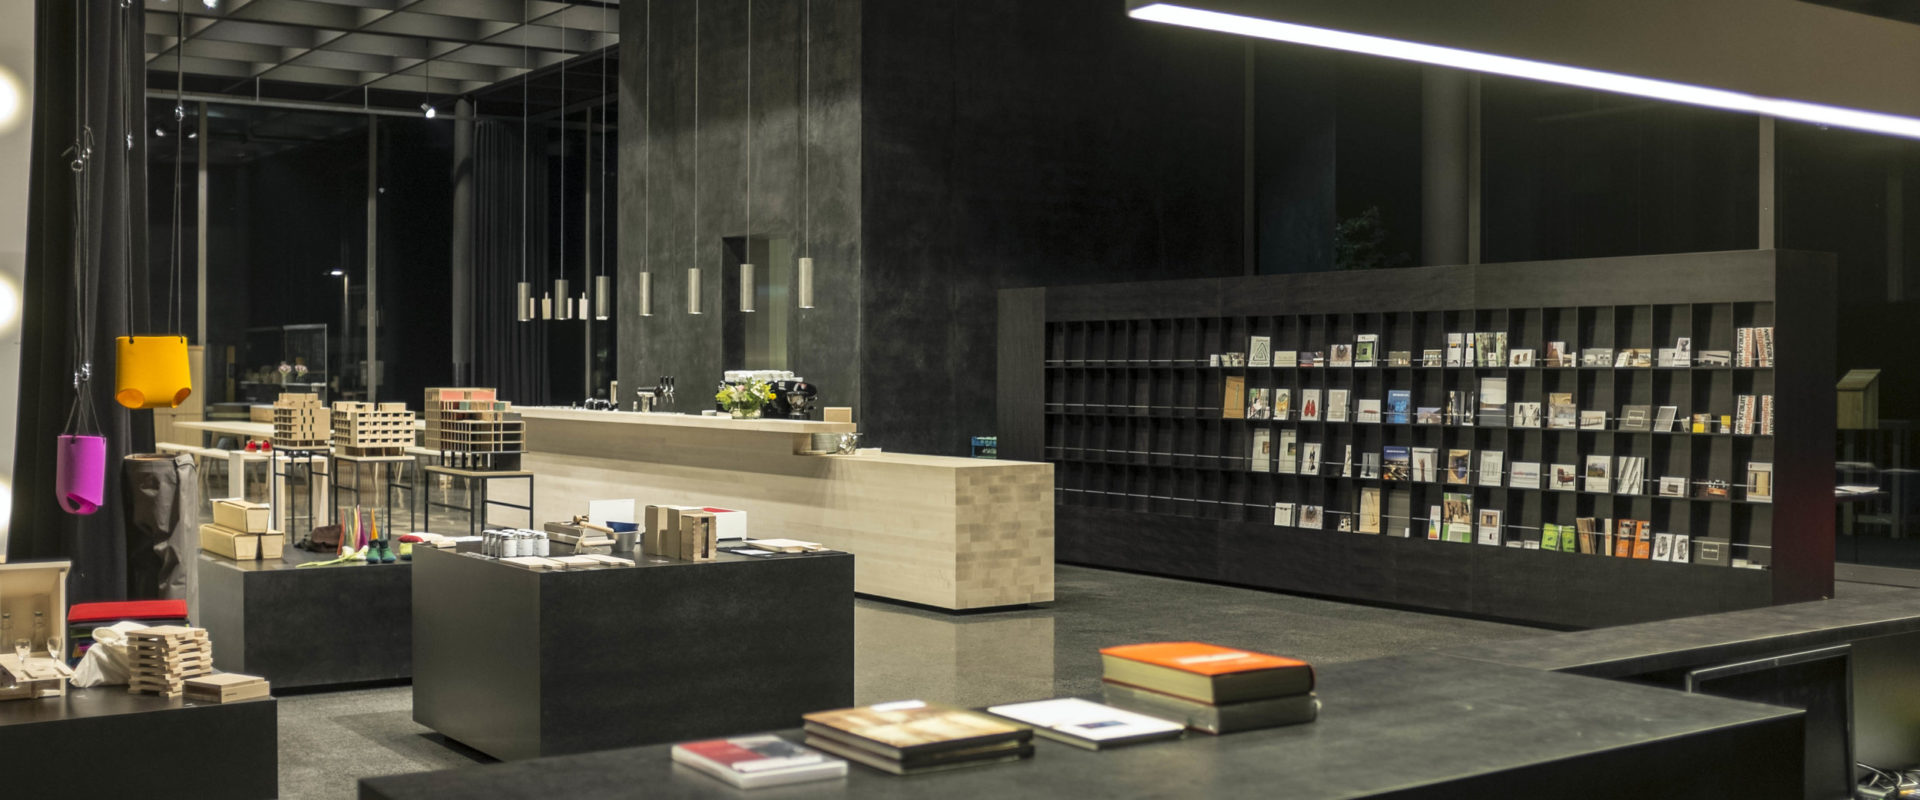 Shop, Information © Peter Löwy / Werkraum Bregenzerwald